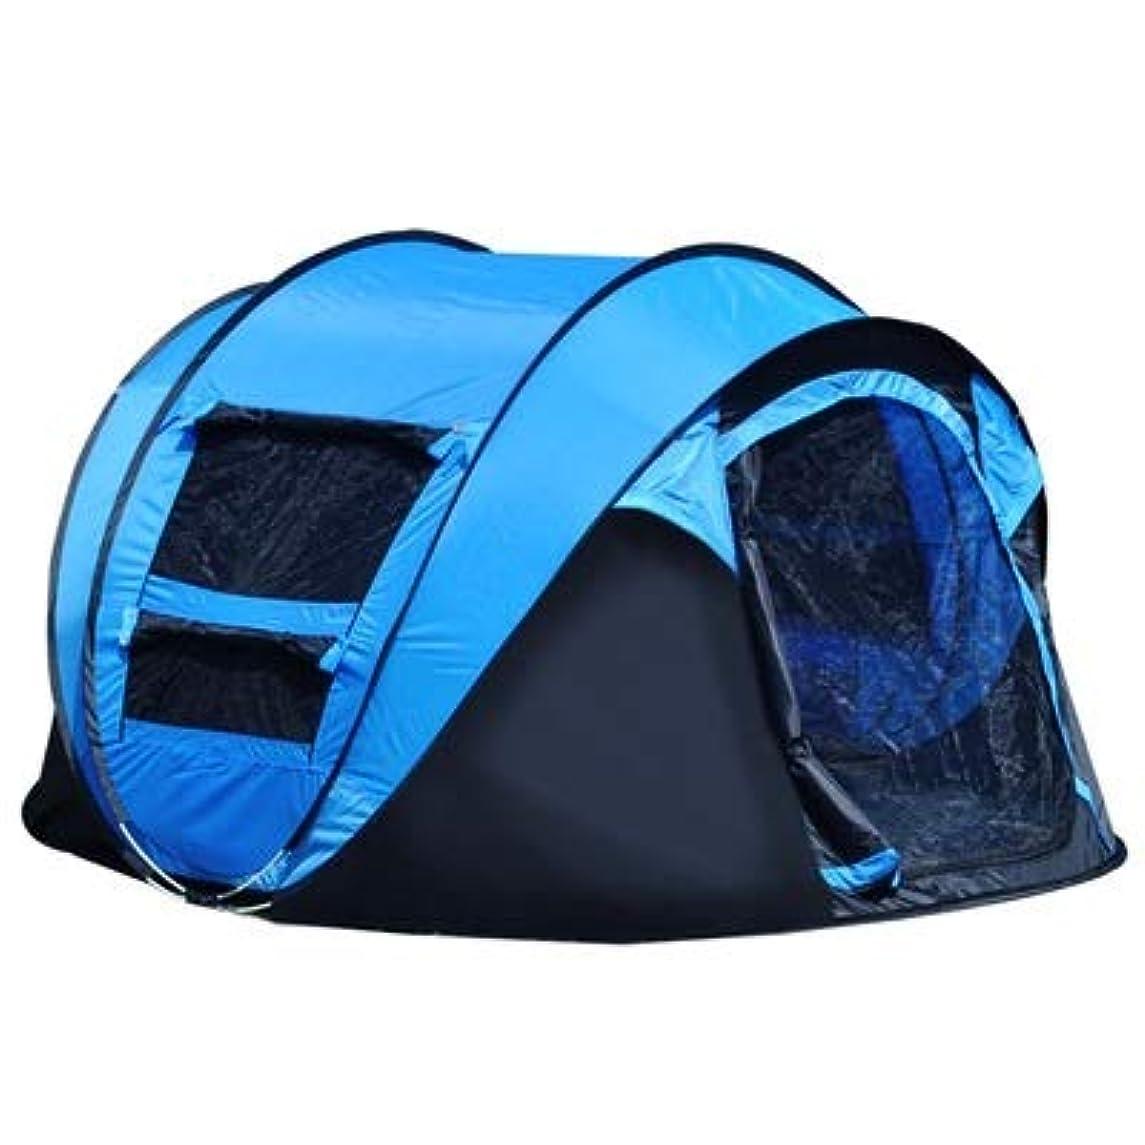 モンゴメリーロケーション日没Opliy 200 * 280 * 120 cmキャンプテント簡単にインストールし、屋外のポータブルテント多人数テント2-4人ビーチ/釣り/キャンプ/ピクニック 品質保証